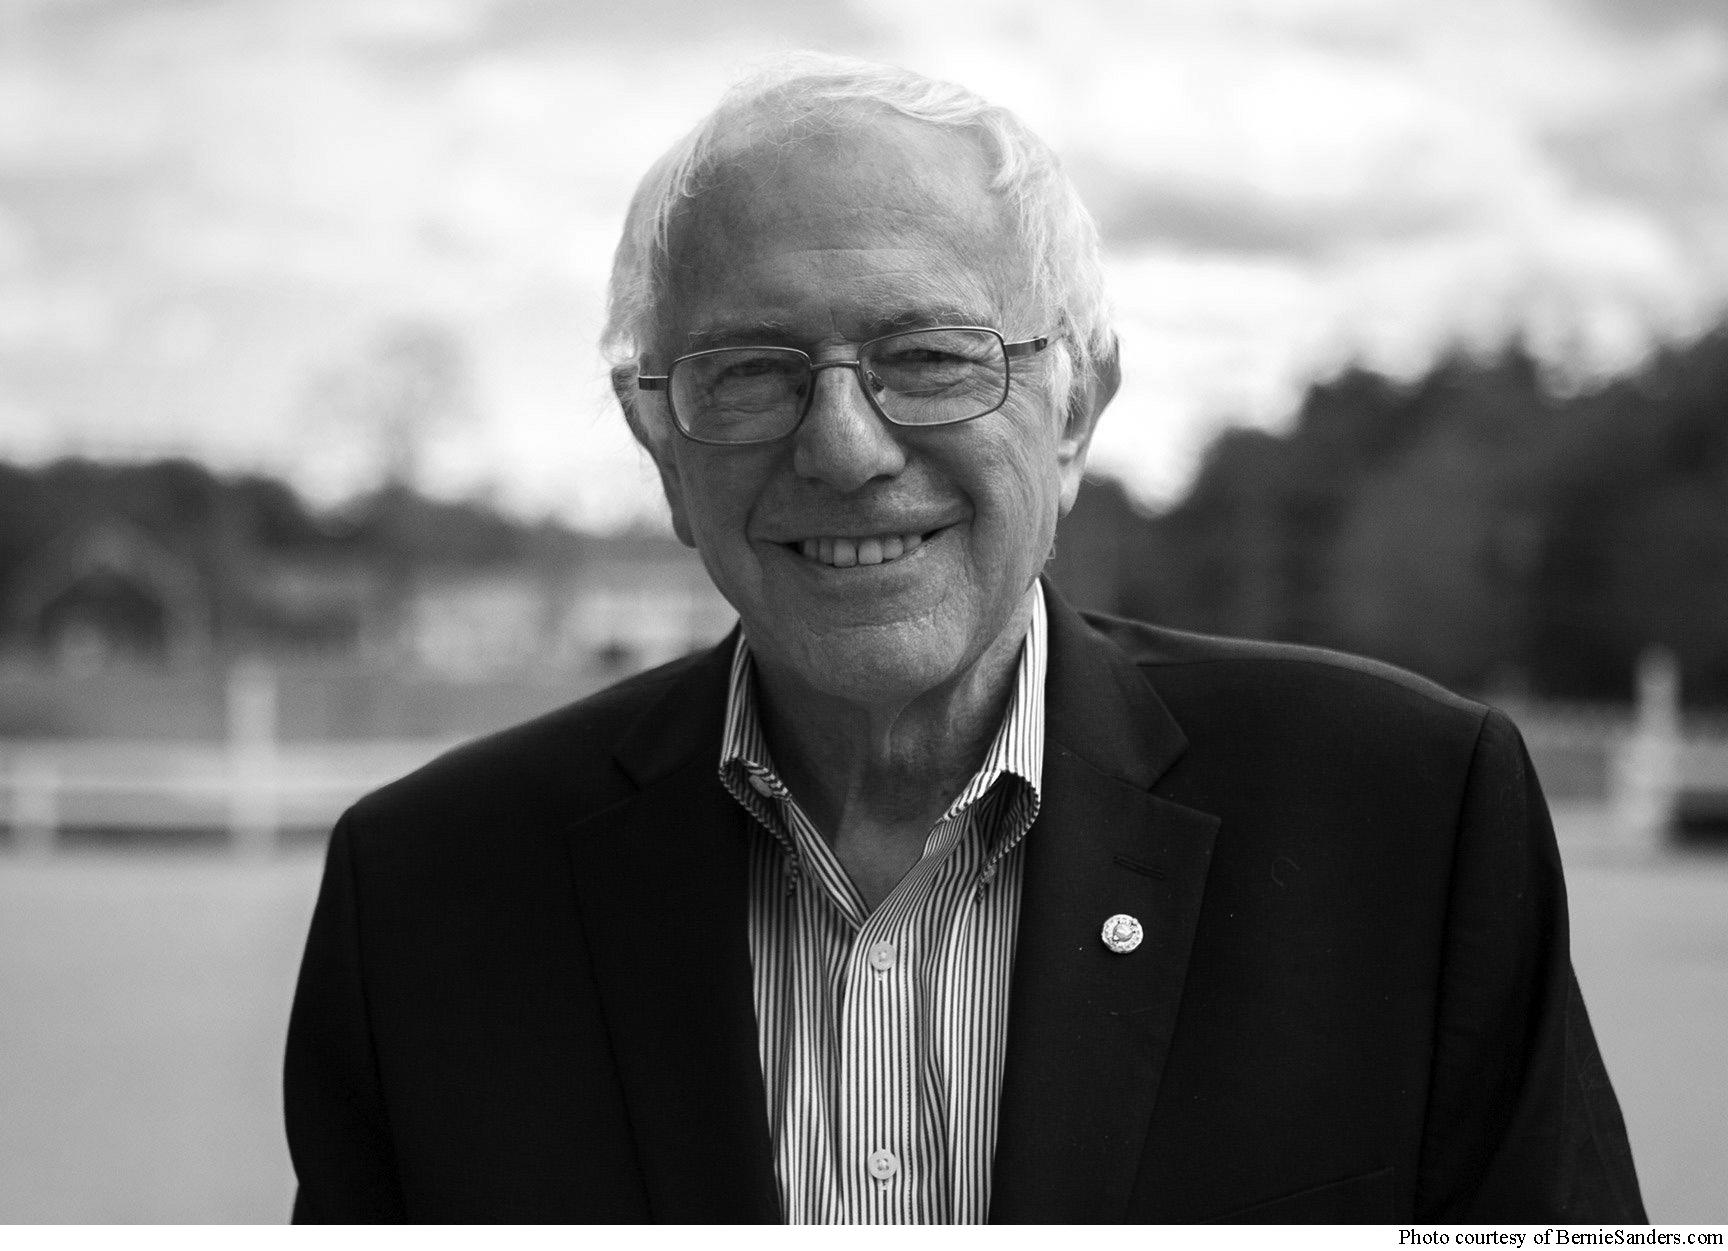 Bernie Sanders, D